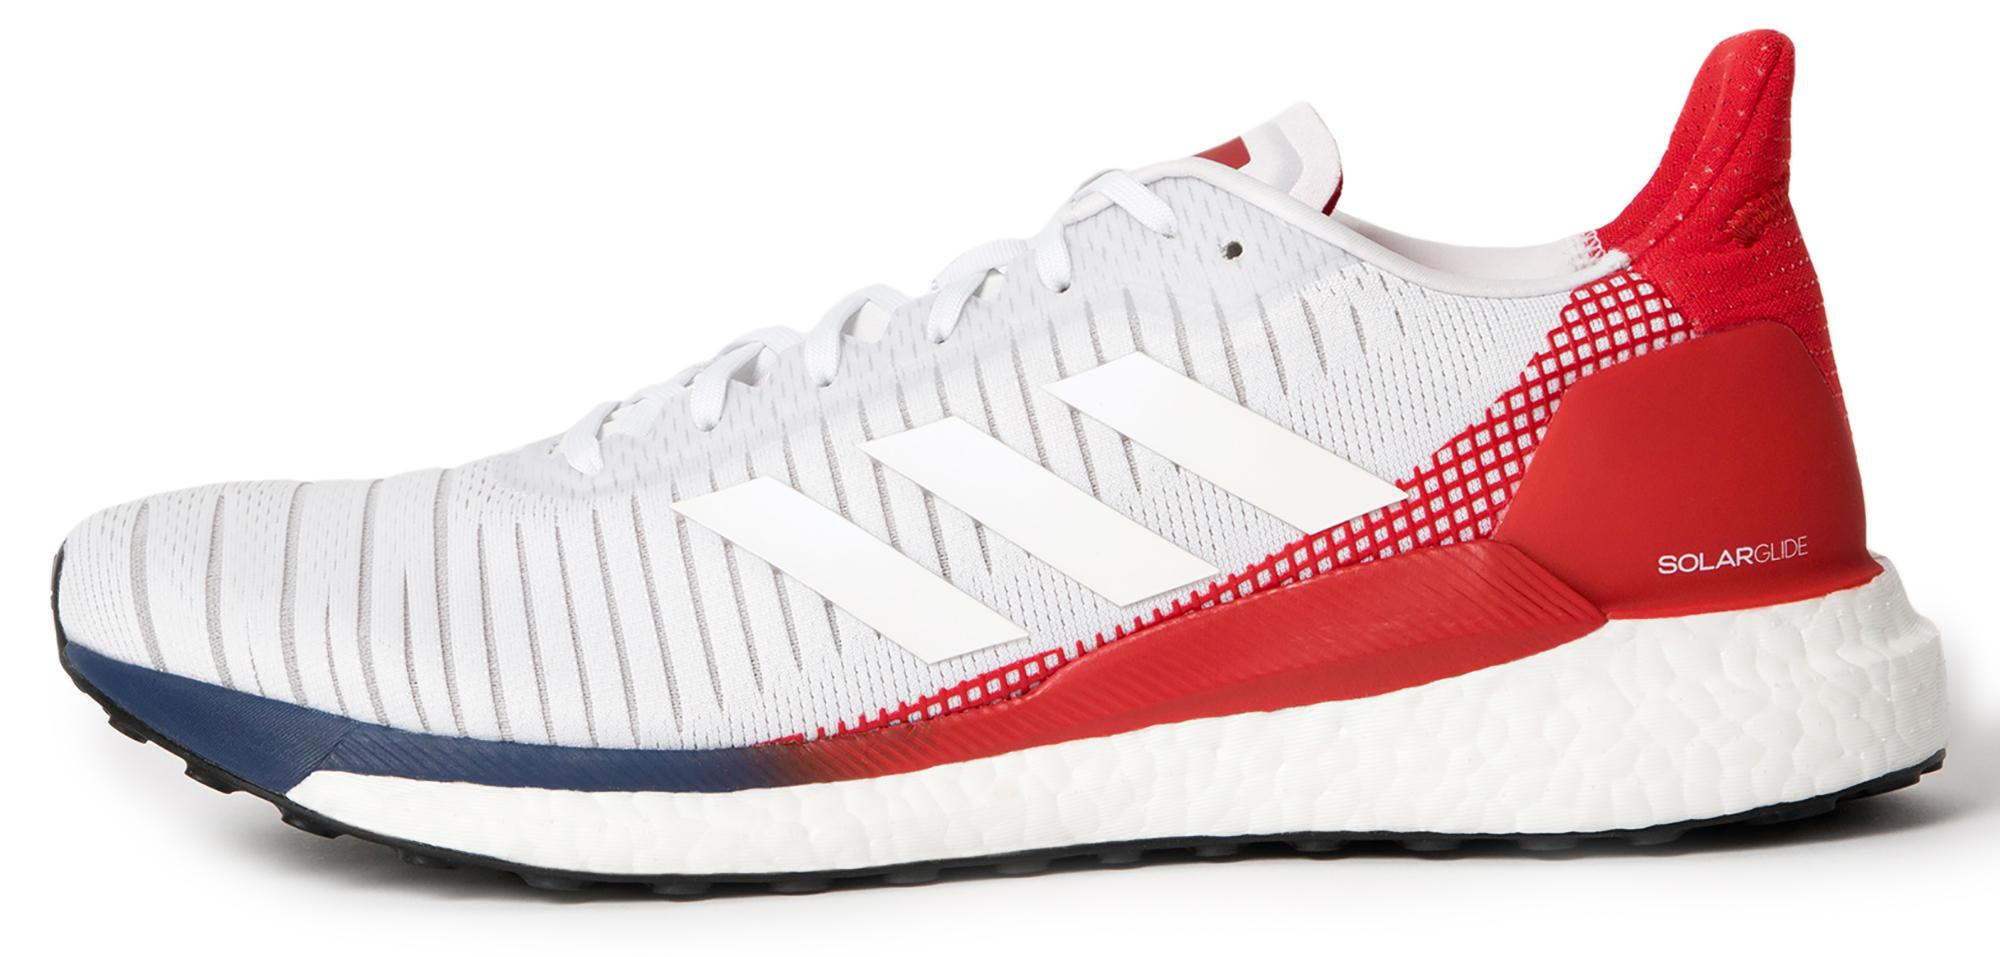 Adidas Кроссовки мужские Adidas Solar Glide 19, размер 39